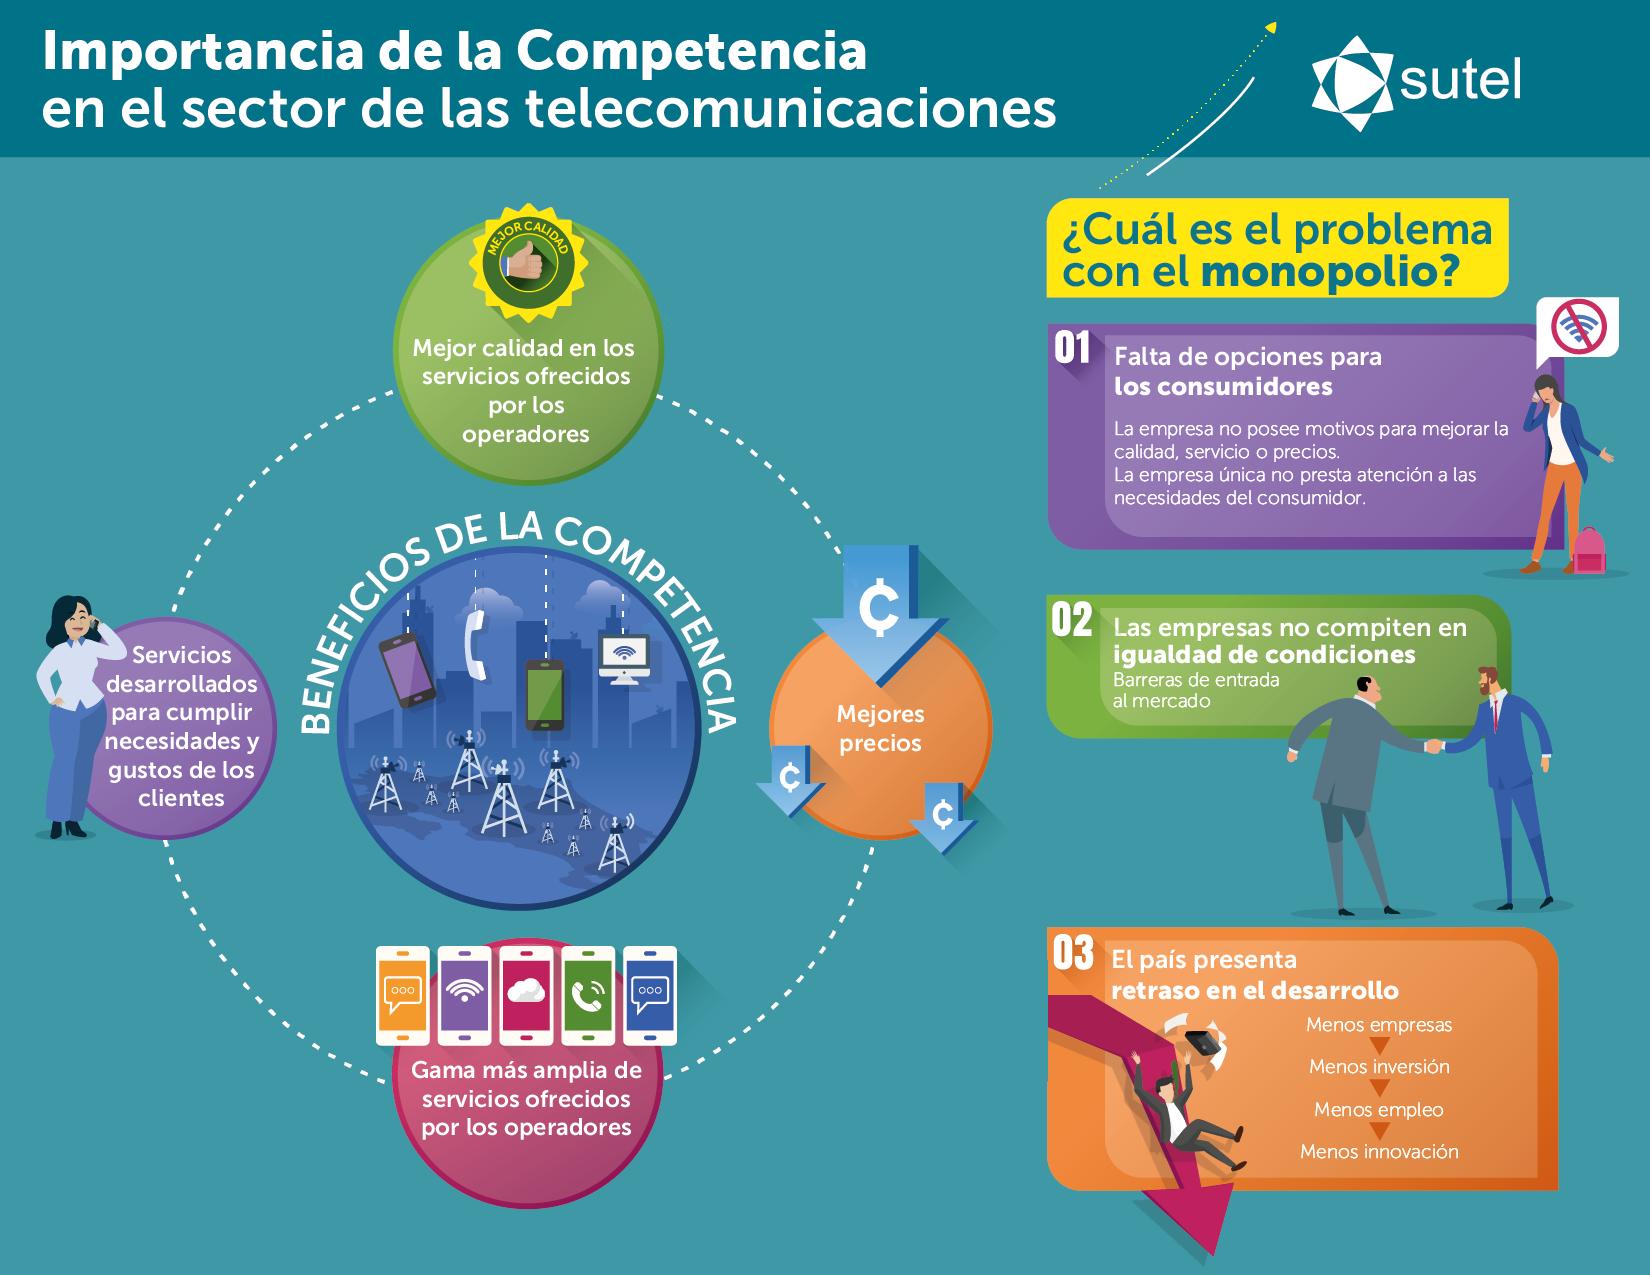 Infografia Importancia Competencia